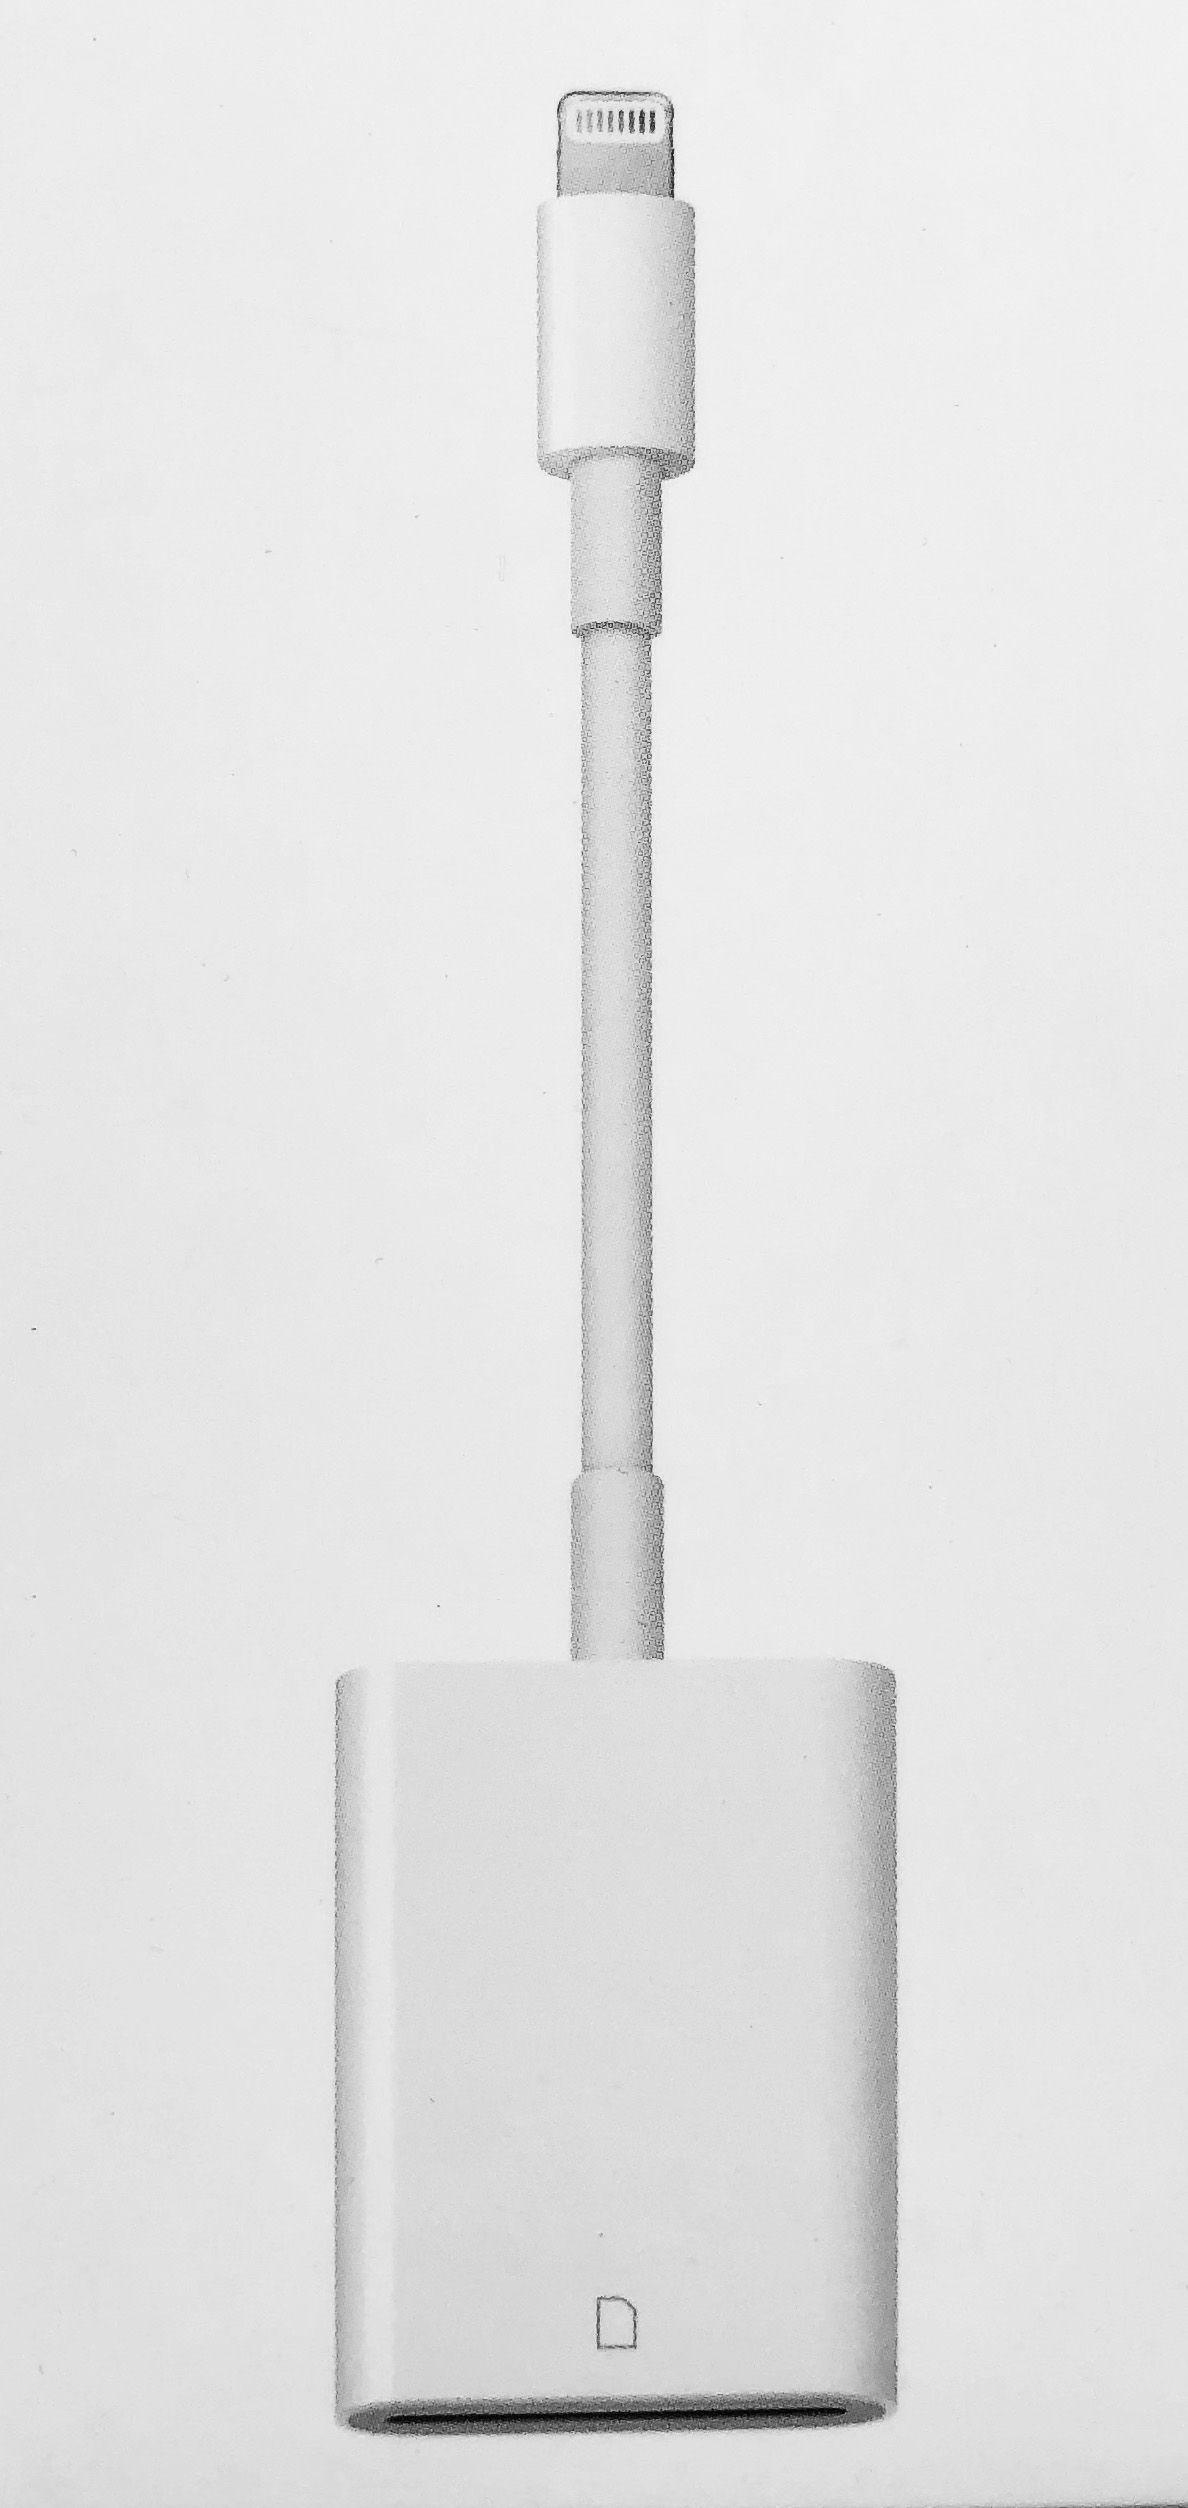 Apple Lightning-till-SD-kamerakortläsare